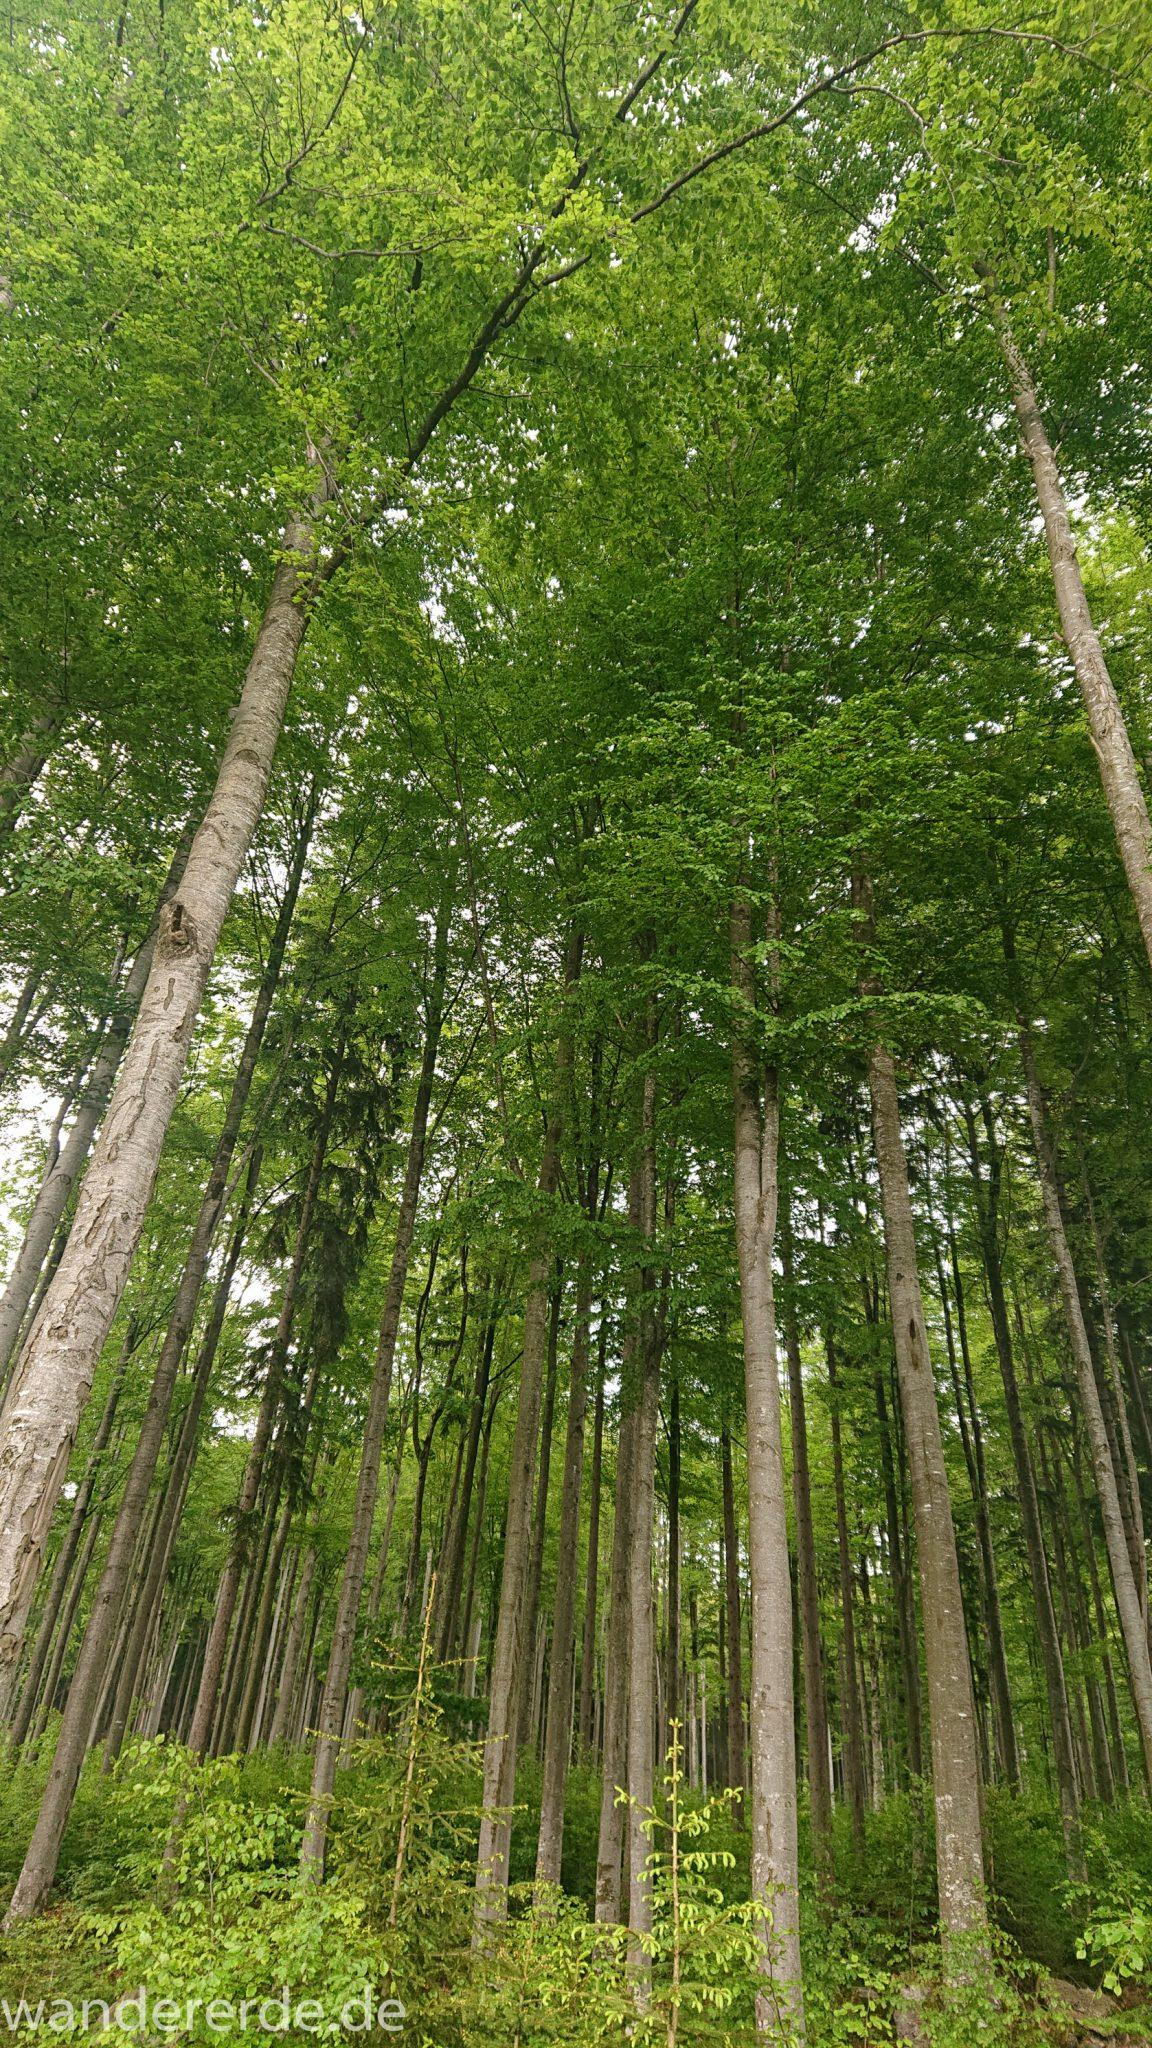 Wanderung Großer Rachel im Nationalpark Bayerischer Wald, Start Parkplatz Oberfrauenau, traumhaft schöner und dichter Wald, Laubbäume, Frühjahr im bayerischen Wald